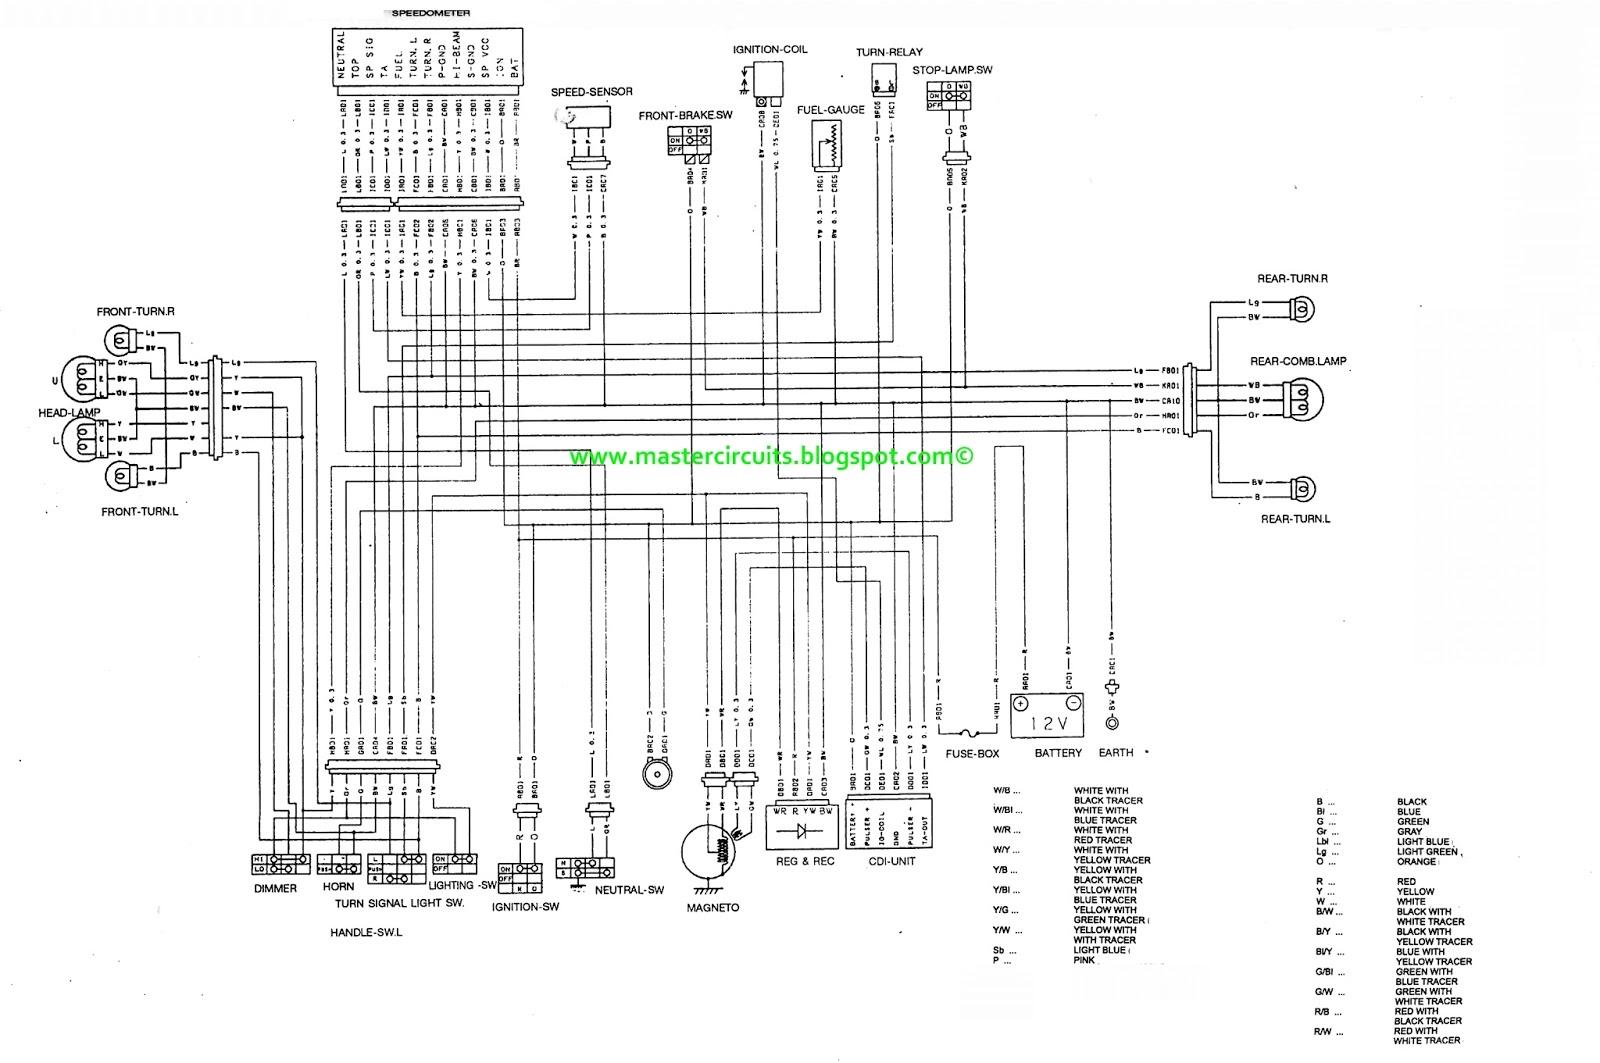 Wiring Diagram Yamaha Mio J | #1 Wiring Diagram Source on